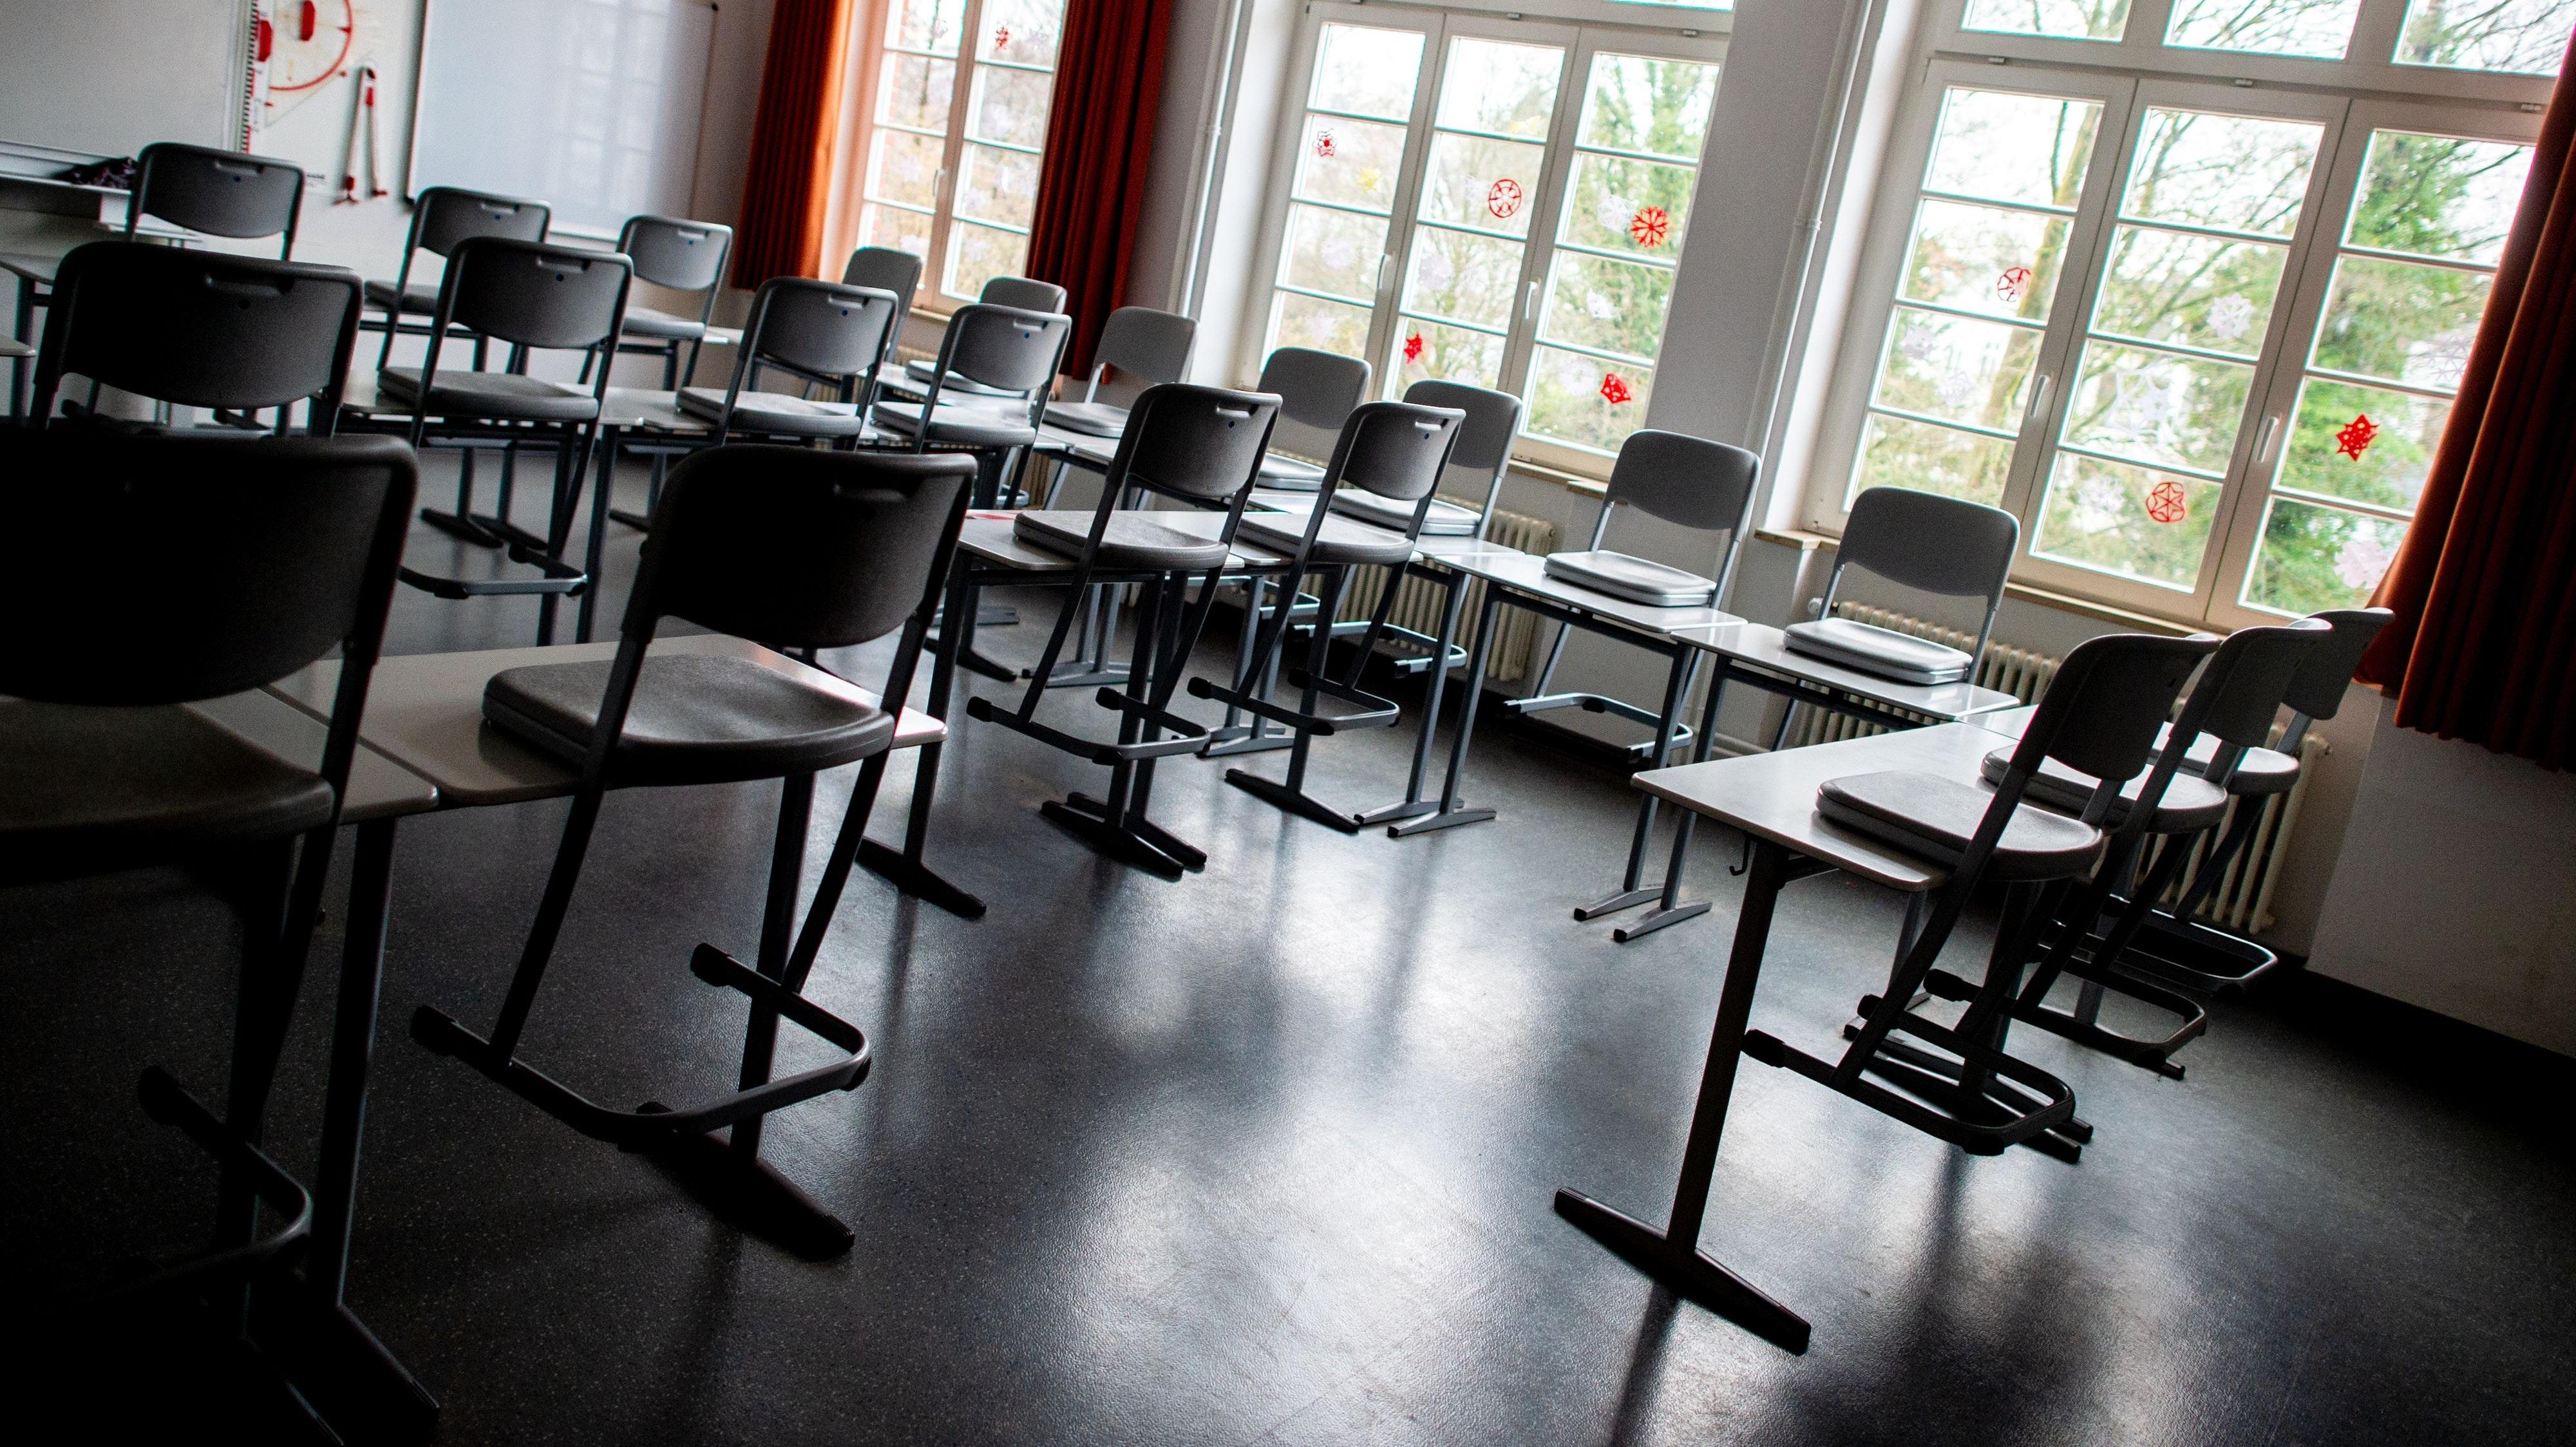 Bisher ist es hier noch meist still: Die Schulen öffnen in den nächsten Wochen wieder Stück für Stück. Bei der pandemiegerechten Ausrüstung können sie nun von zusätzlichem Geld der Landesregierung profitieren. Symbolbild: dpa